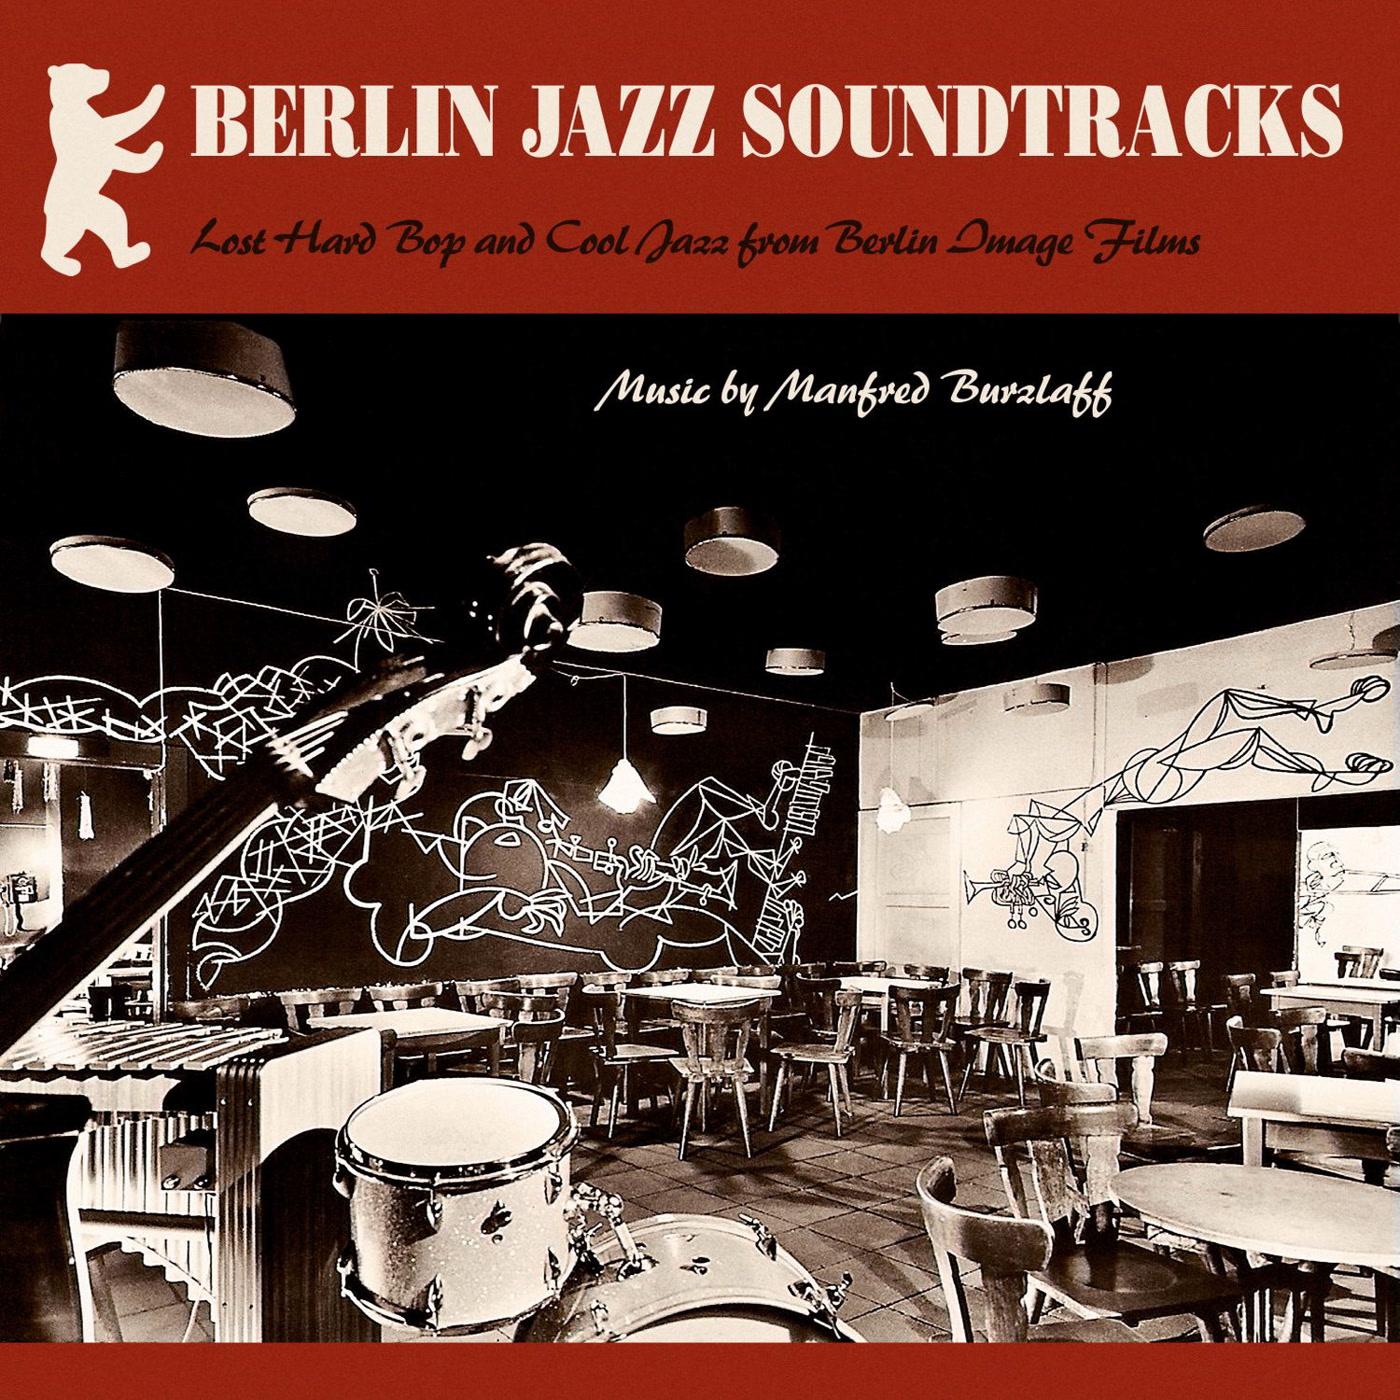 Berlin Jazz Soundtracks Manfred Burzlaff Kudos Records